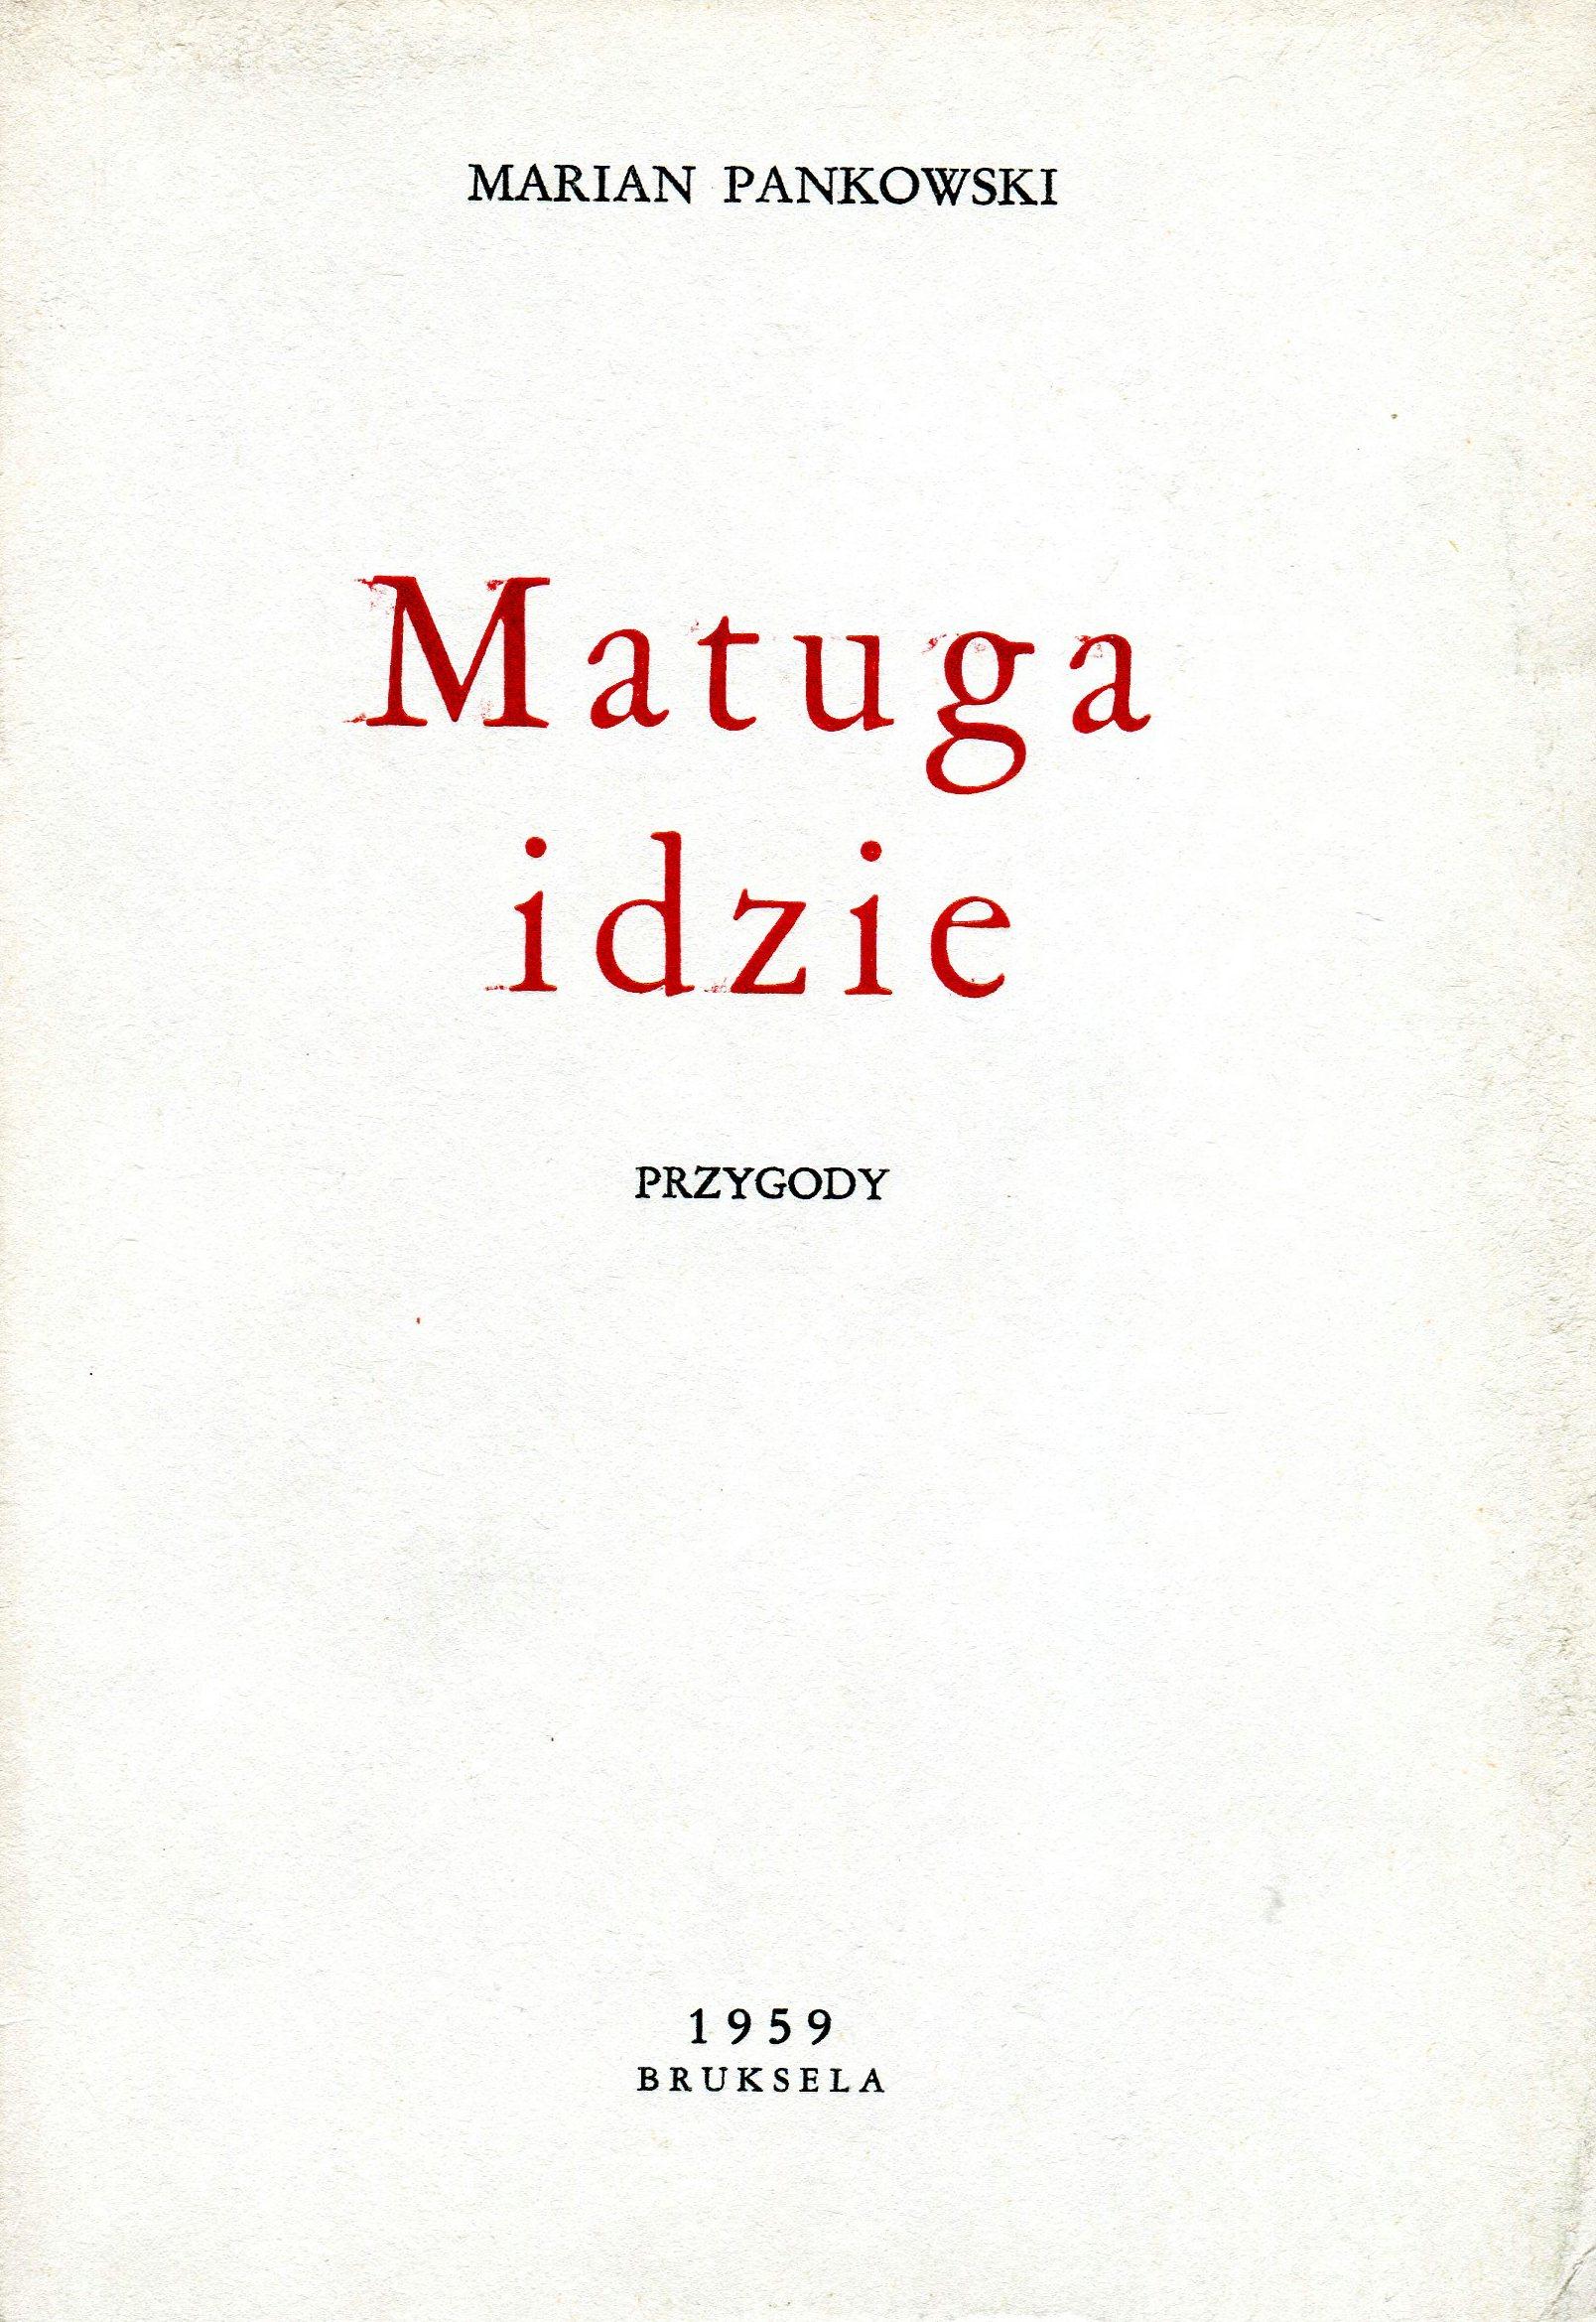 """<div class='inner-box'><div class='close-desc'></div><span class='opis'>""""Matuga idzie"""" - powieść Mariana Pankowskiego ukazała się w Brukseli w 1959 r. nakładem pisarza. Książkę można było kupić wyłącznie u autora, nie była dostępna w księgarniach.</span><div class='clearfix'></div><span>Шифр  sm00177</span><div class='clearfix'></div><span>© Instytut Literacki</span></div>"""